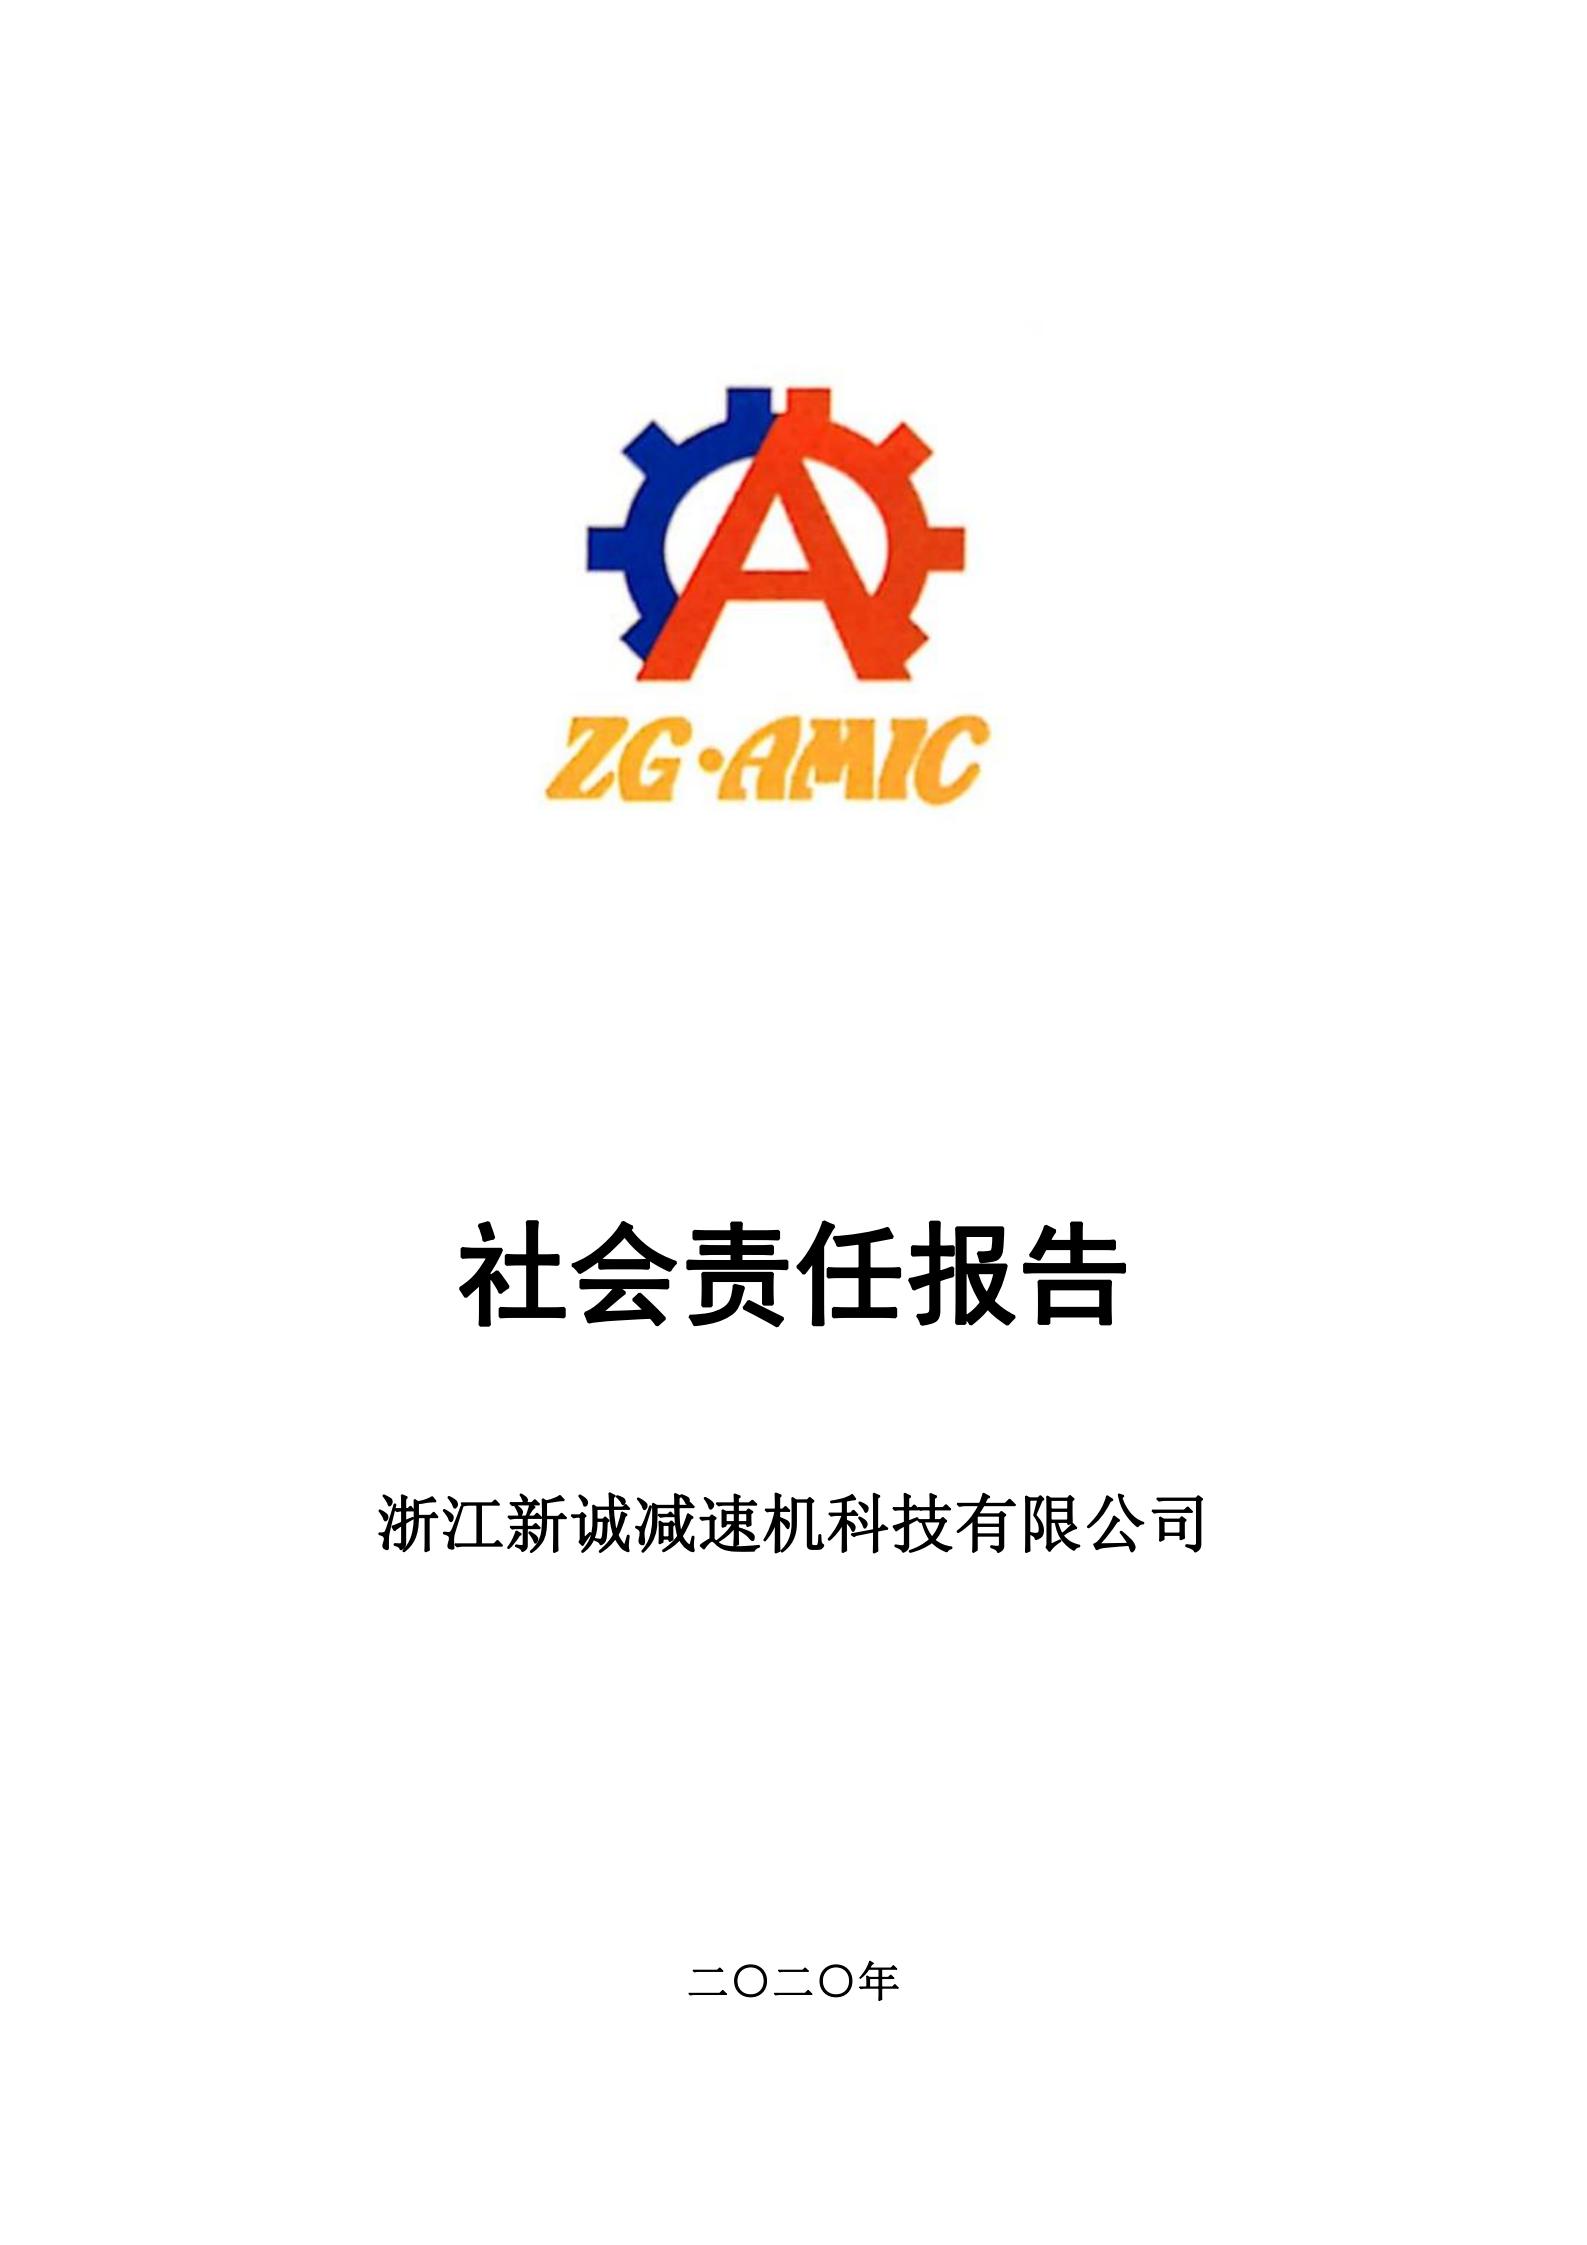 浙江新诚减速机科技有限公司-社会责任报告.png